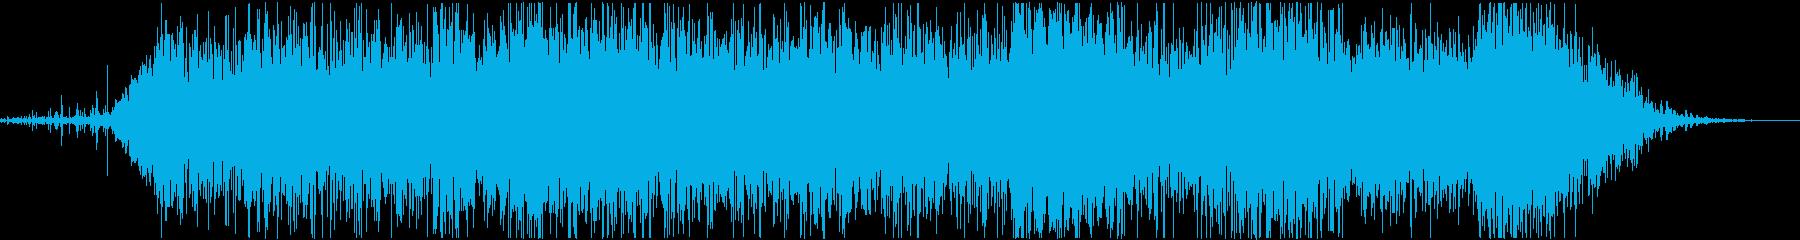 【ゲーム】 戦場_03 War Zoneの再生済みの波形